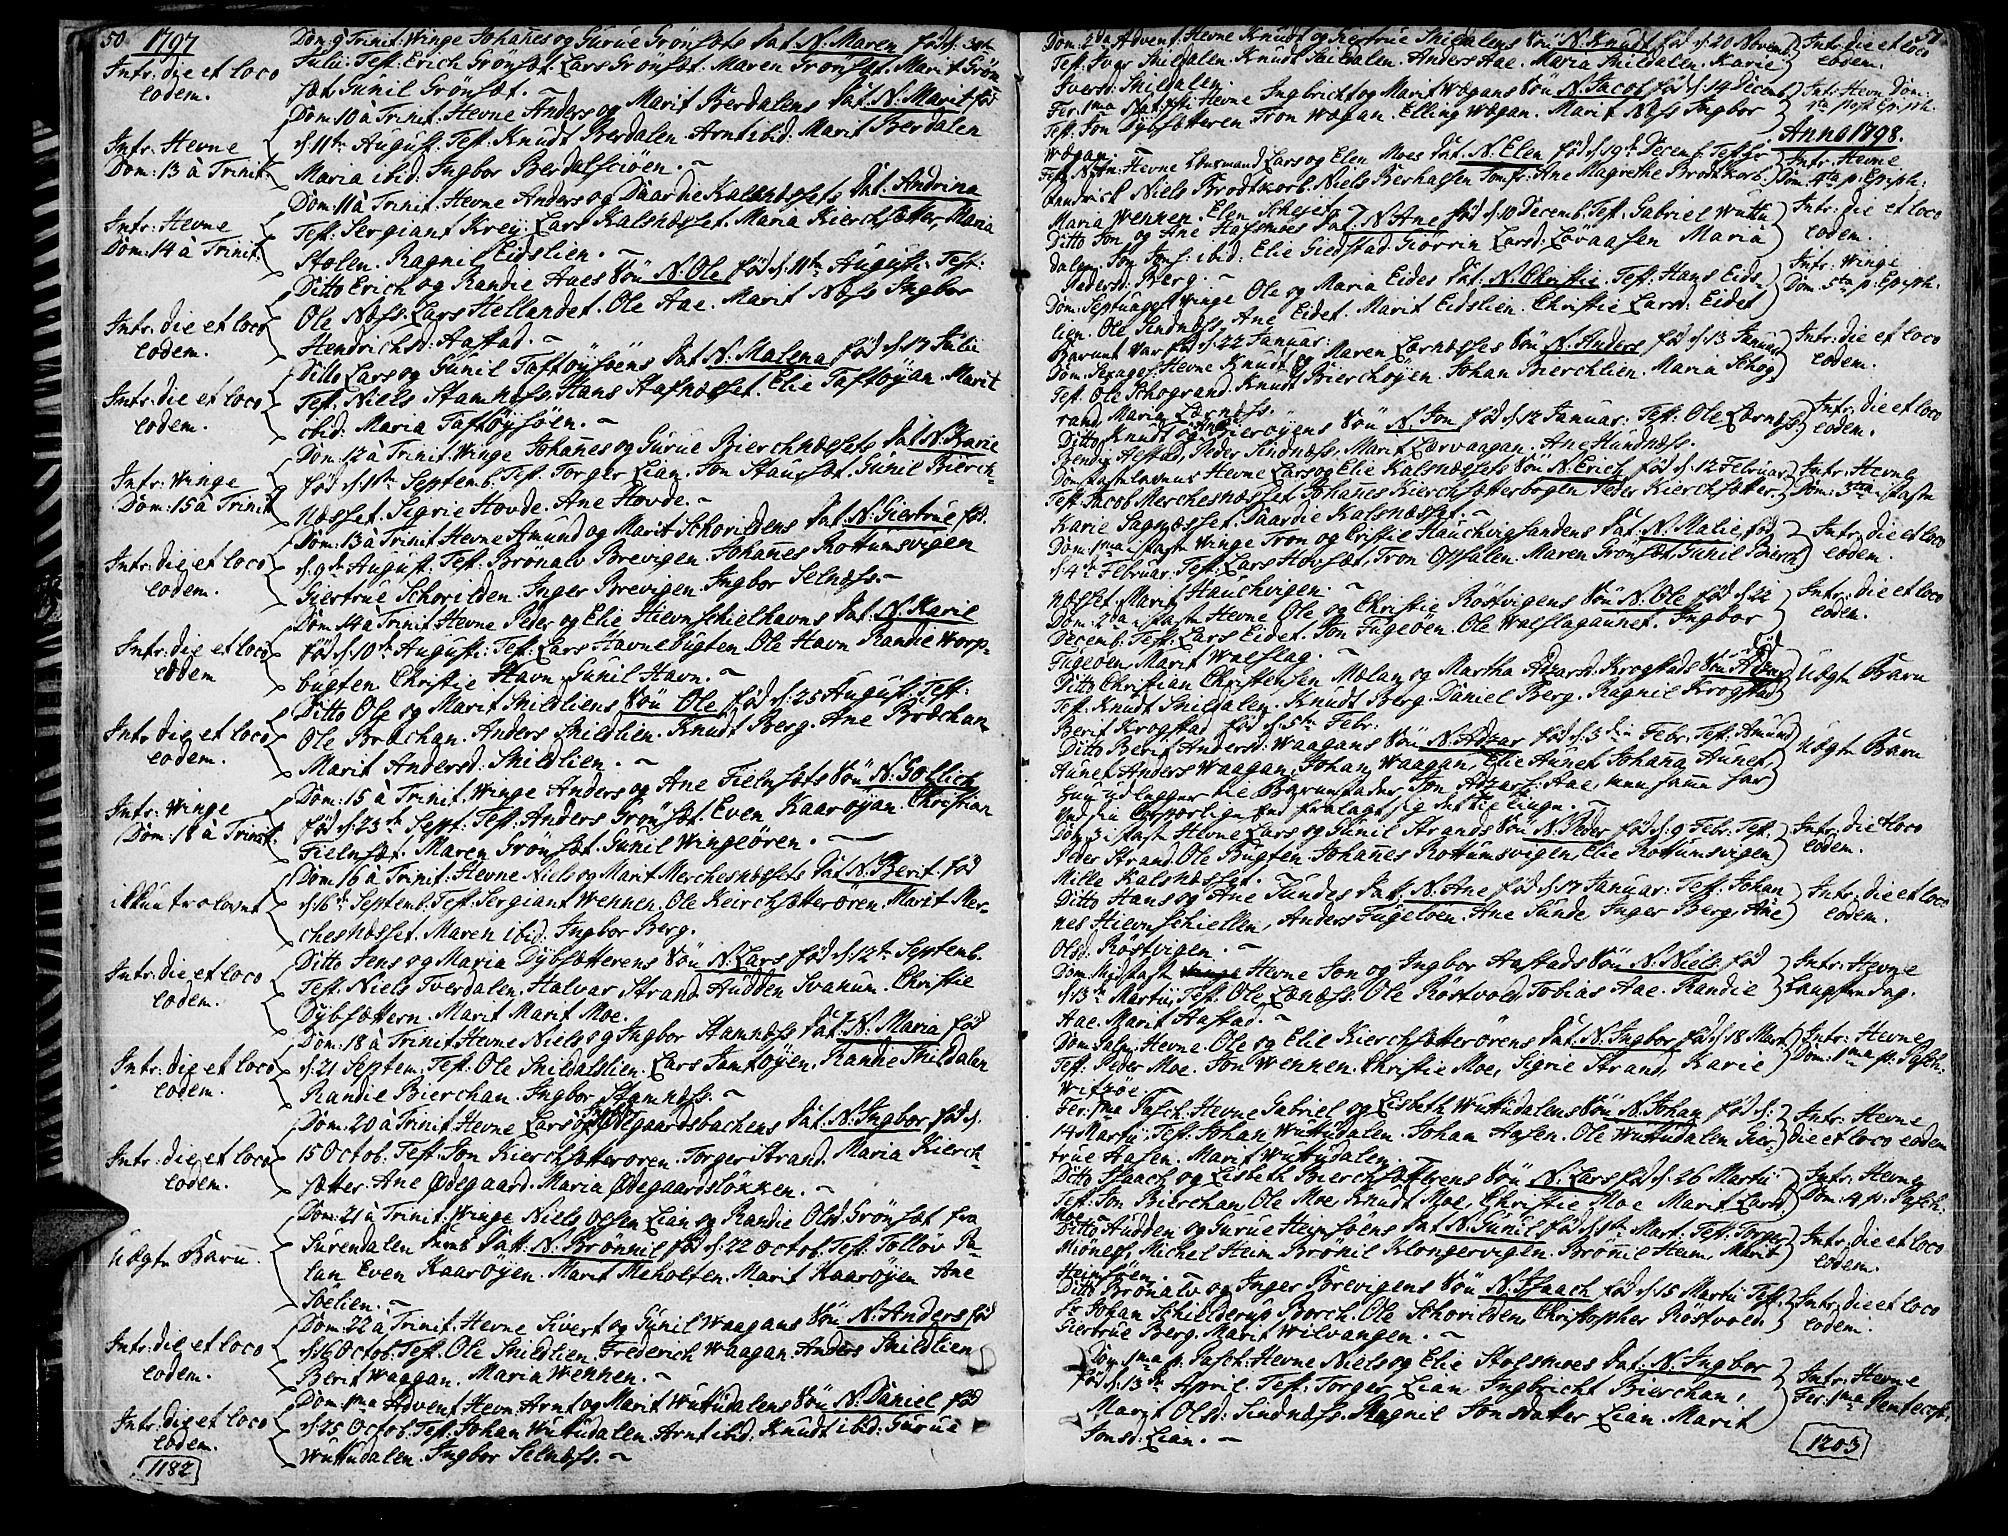 SAT, Ministerialprotokoller, klokkerbøker og fødselsregistre - Sør-Trøndelag, 630/L0490: Ministerialbok nr. 630A03, 1795-1818, s. 50-51